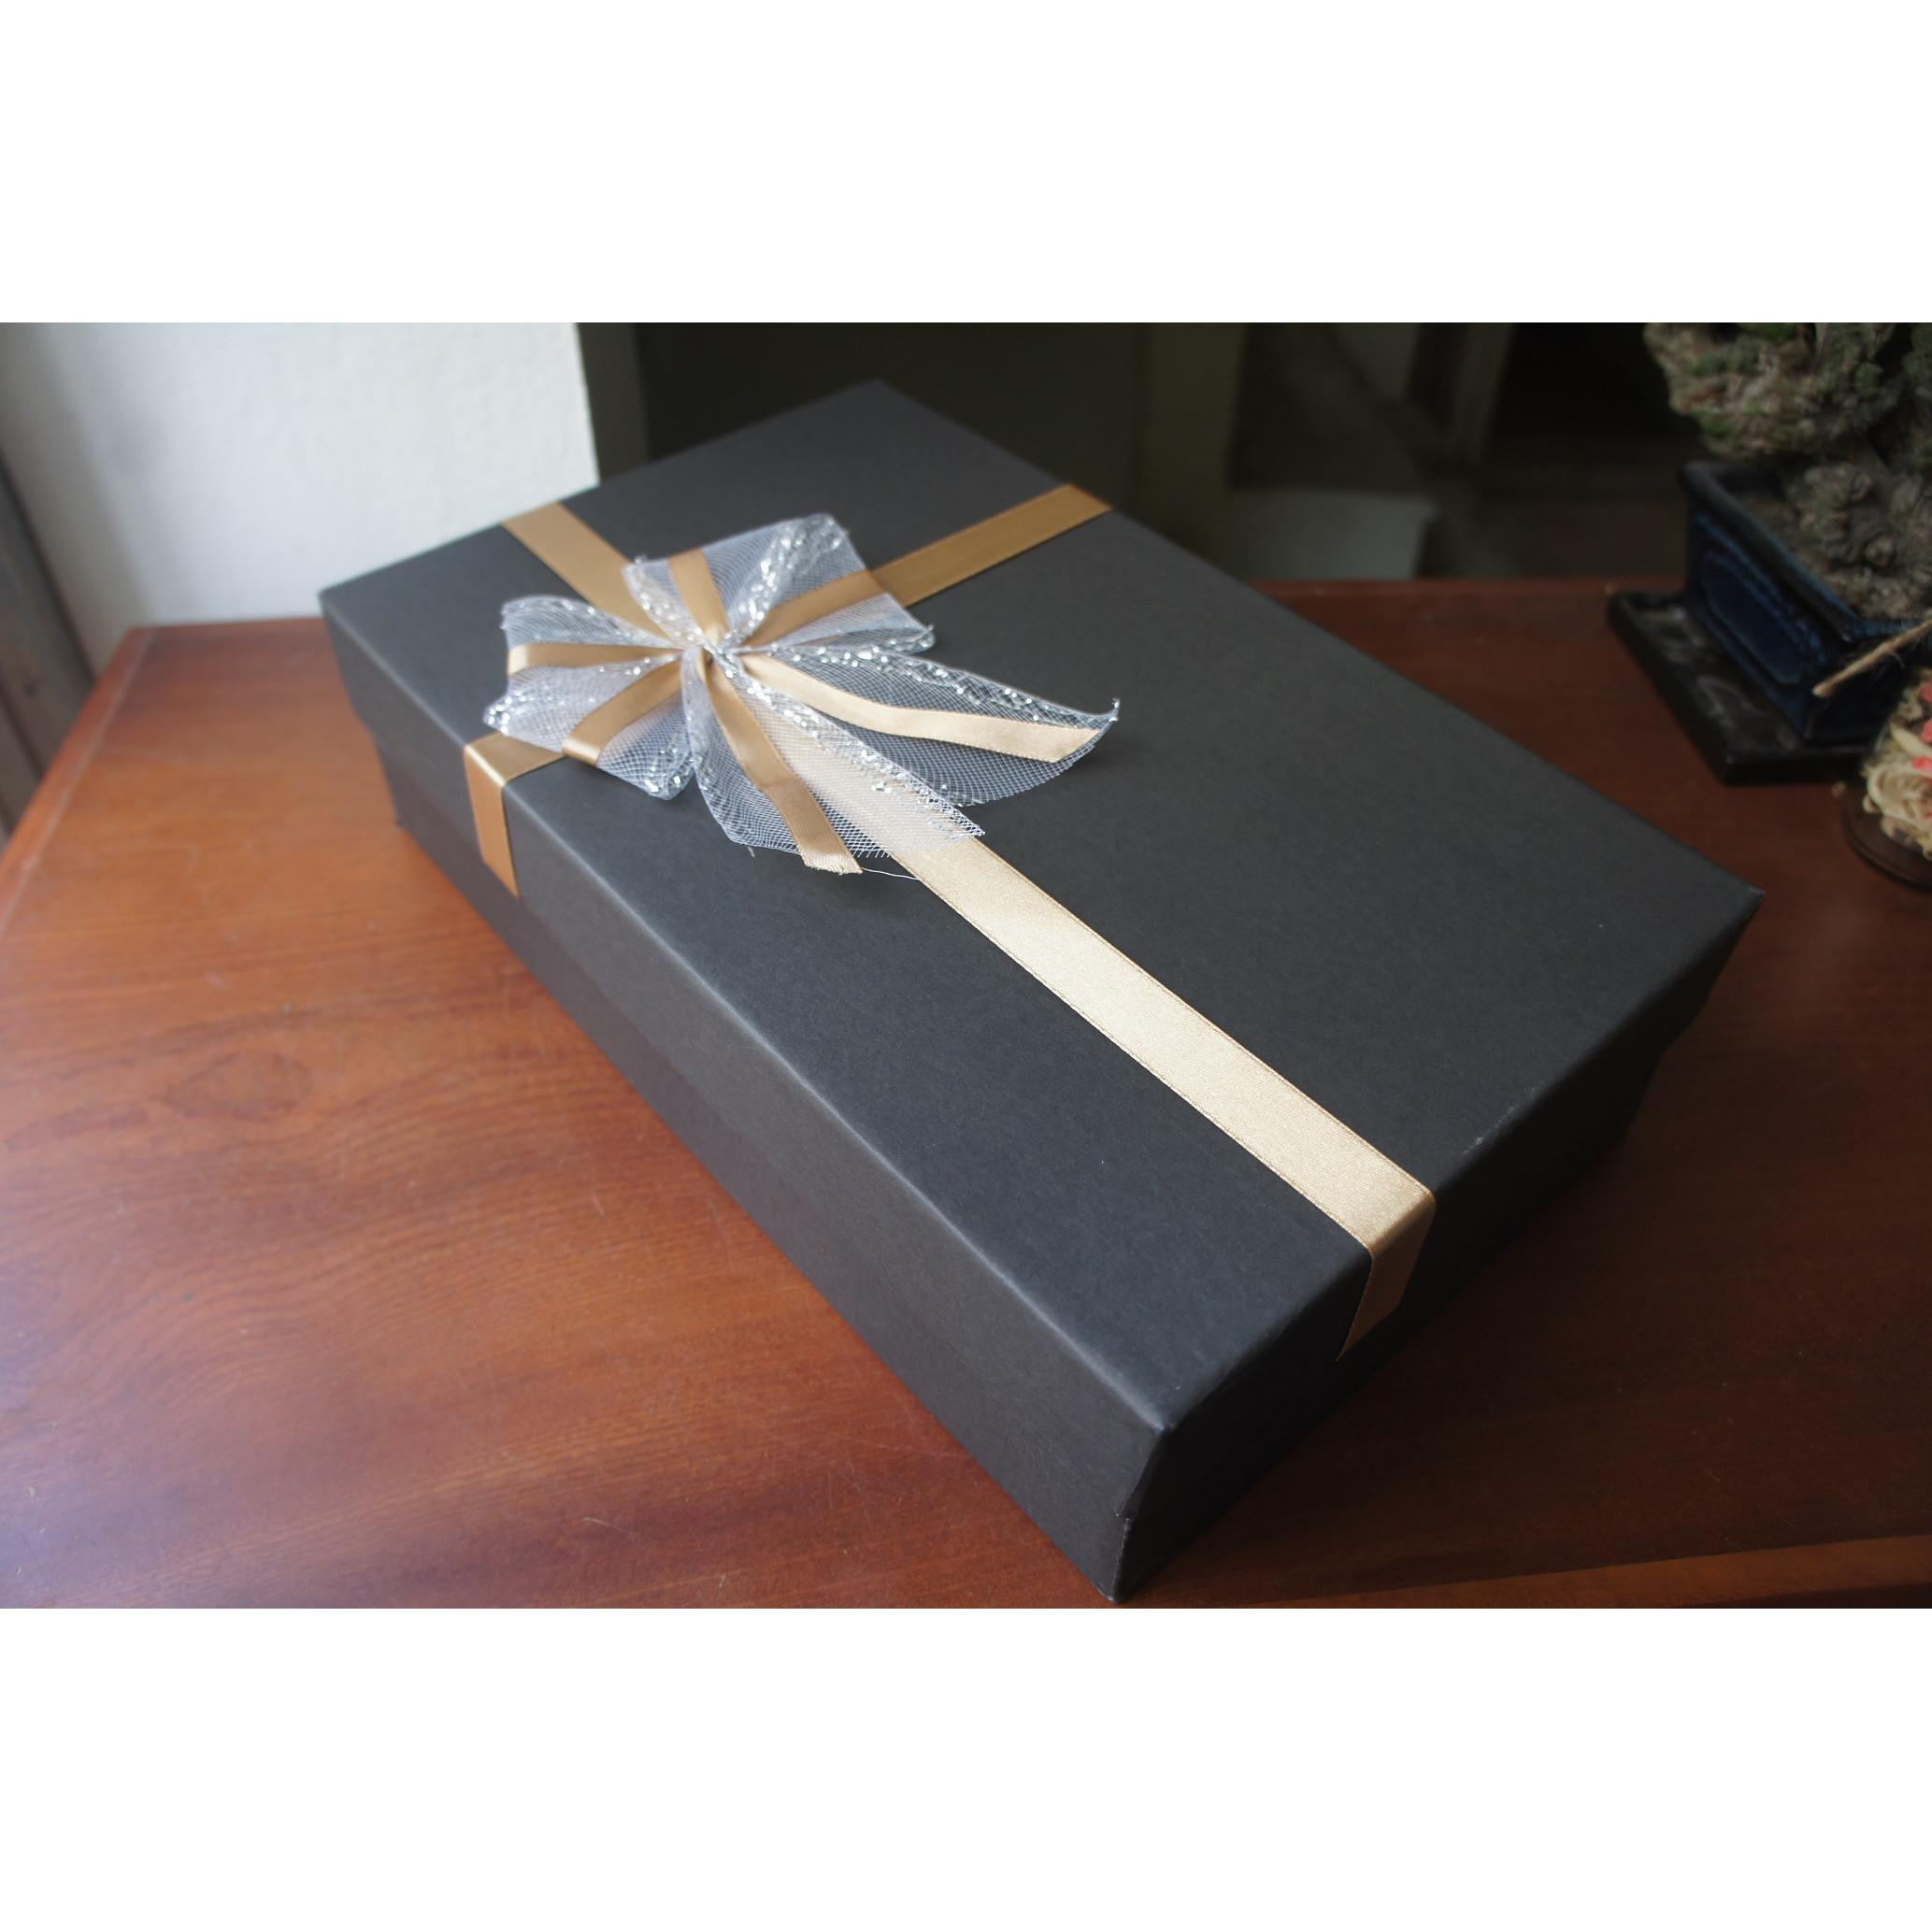 Hộp quà- Hộp giấy cứng gắn nơ lịch sự